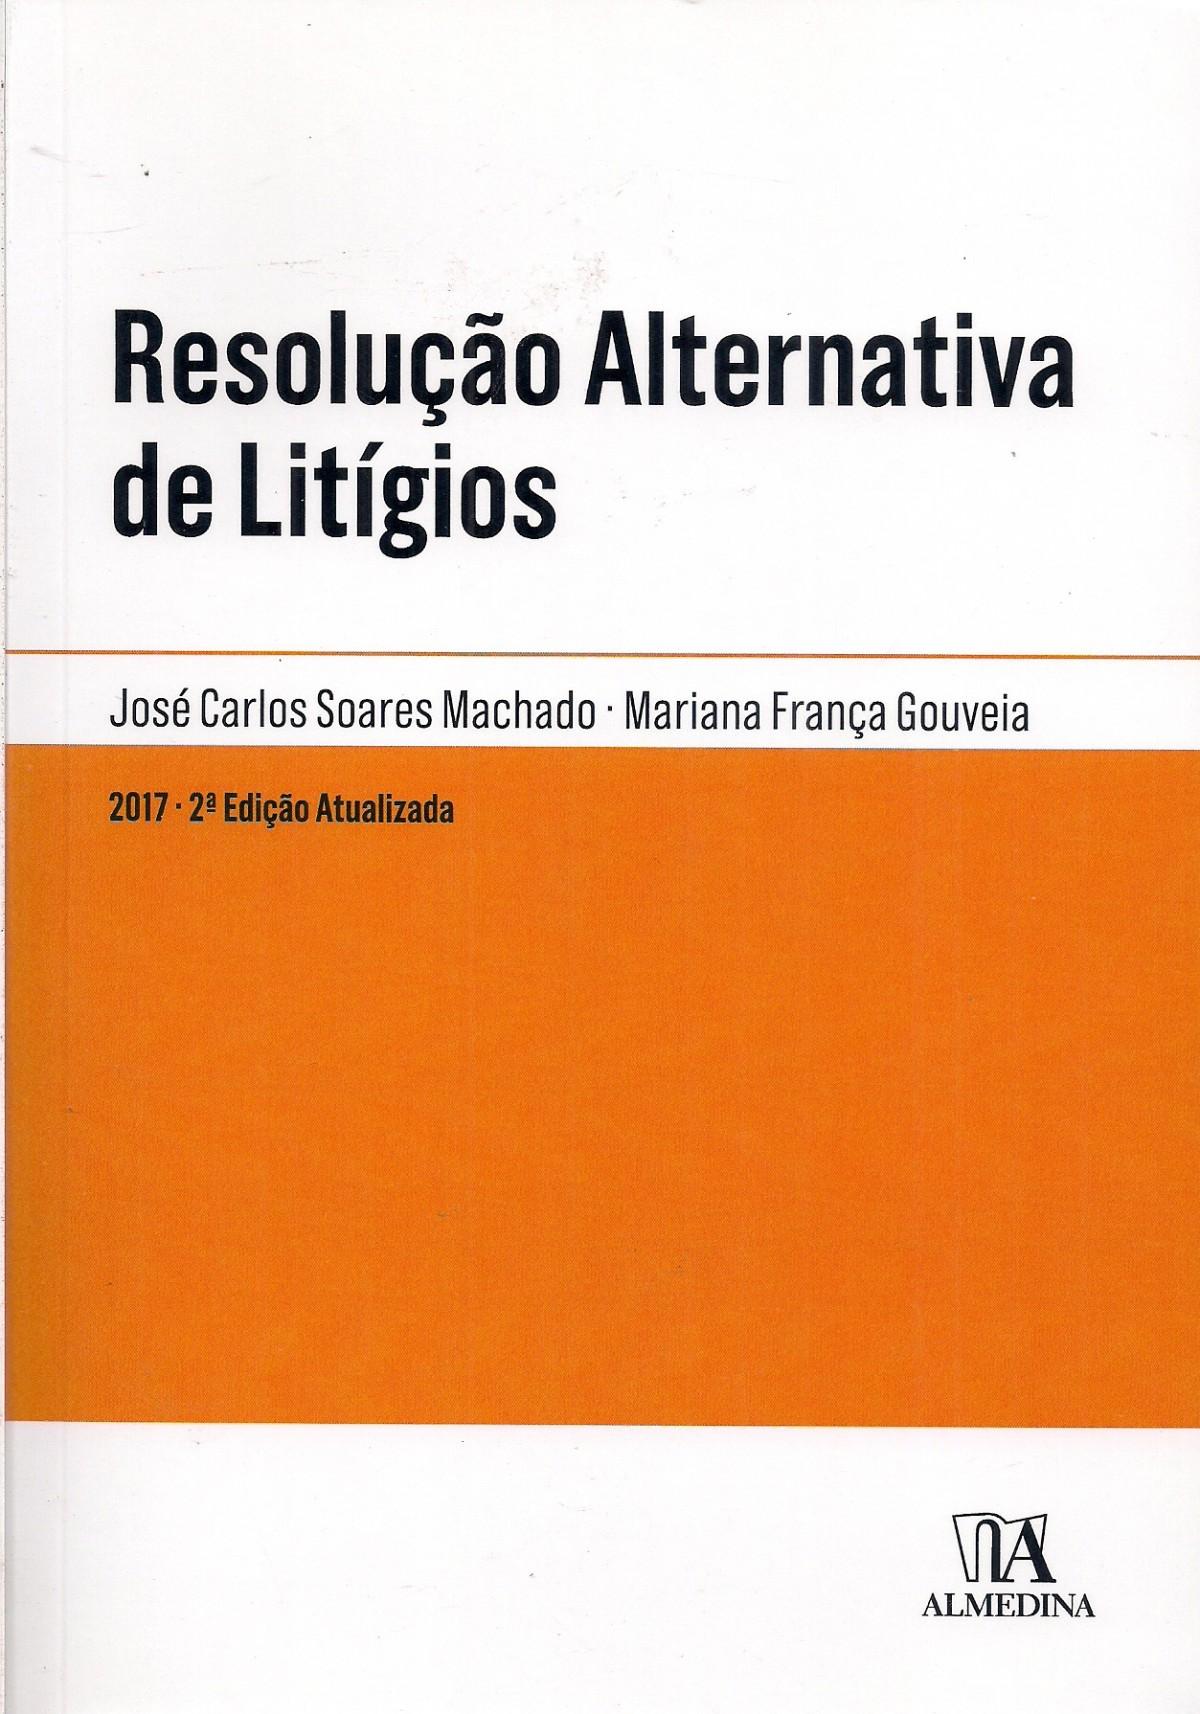 Foto 1 - Resolução Alternativa de Litígios